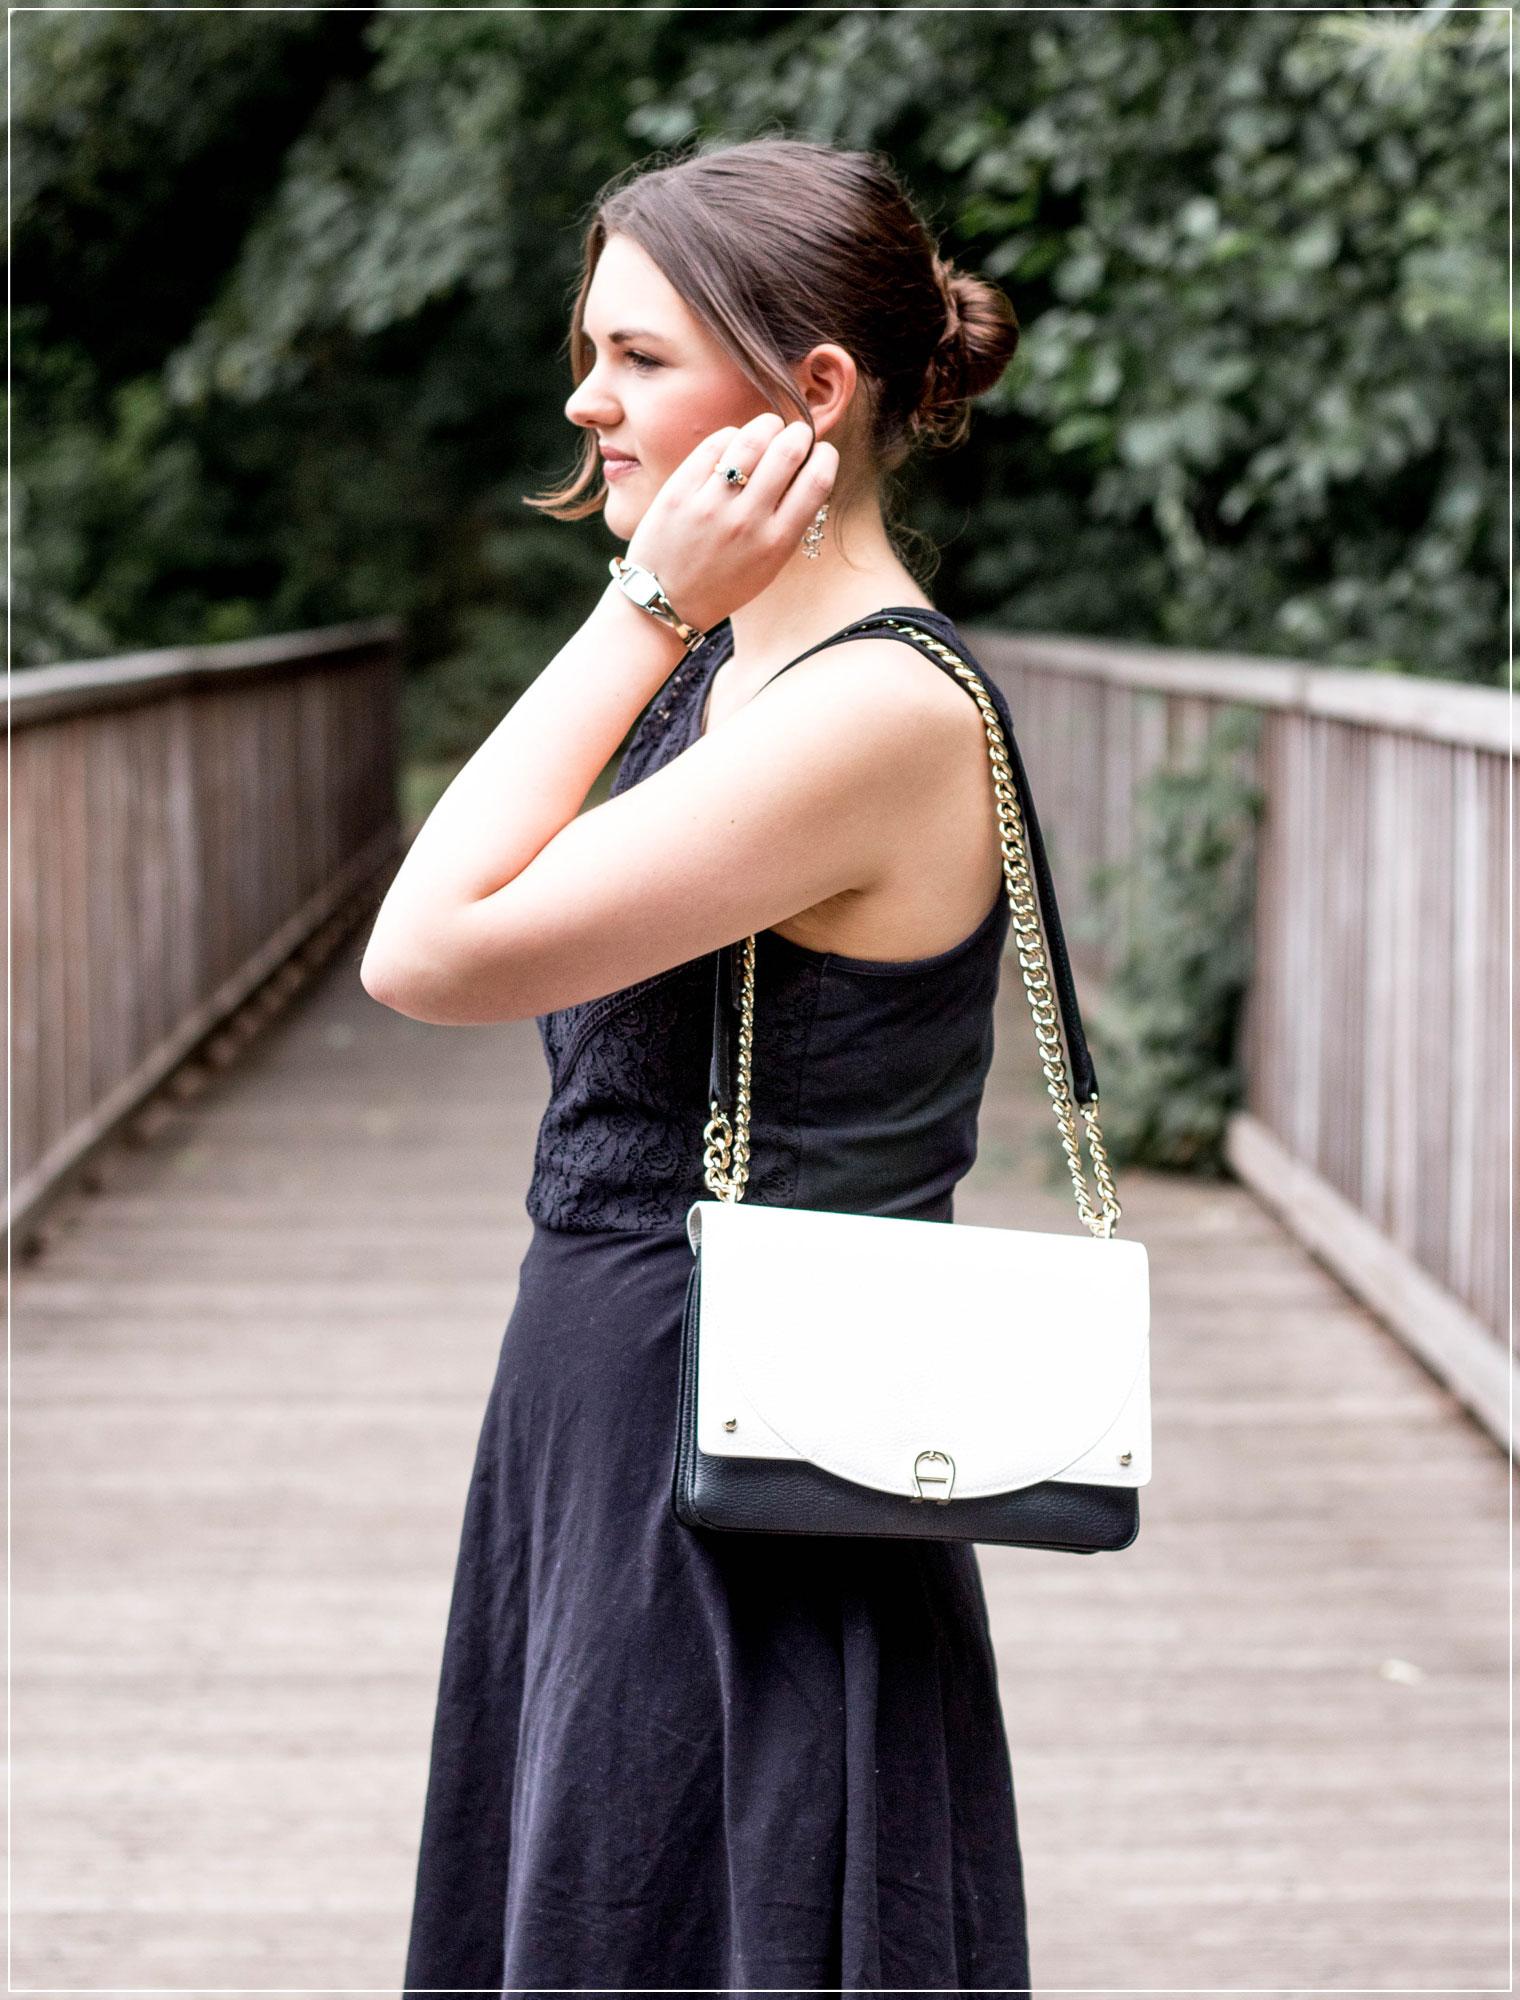 JPeek & Cloppenburg, Freizeitkleid, Jerseykleid, Sommerkleid, Sommeroutfit, Outfitinspiration, Summerstyle, Boho, Modebloggerin, Fashionbloggerin, Modeblog, Ruhrgebiet